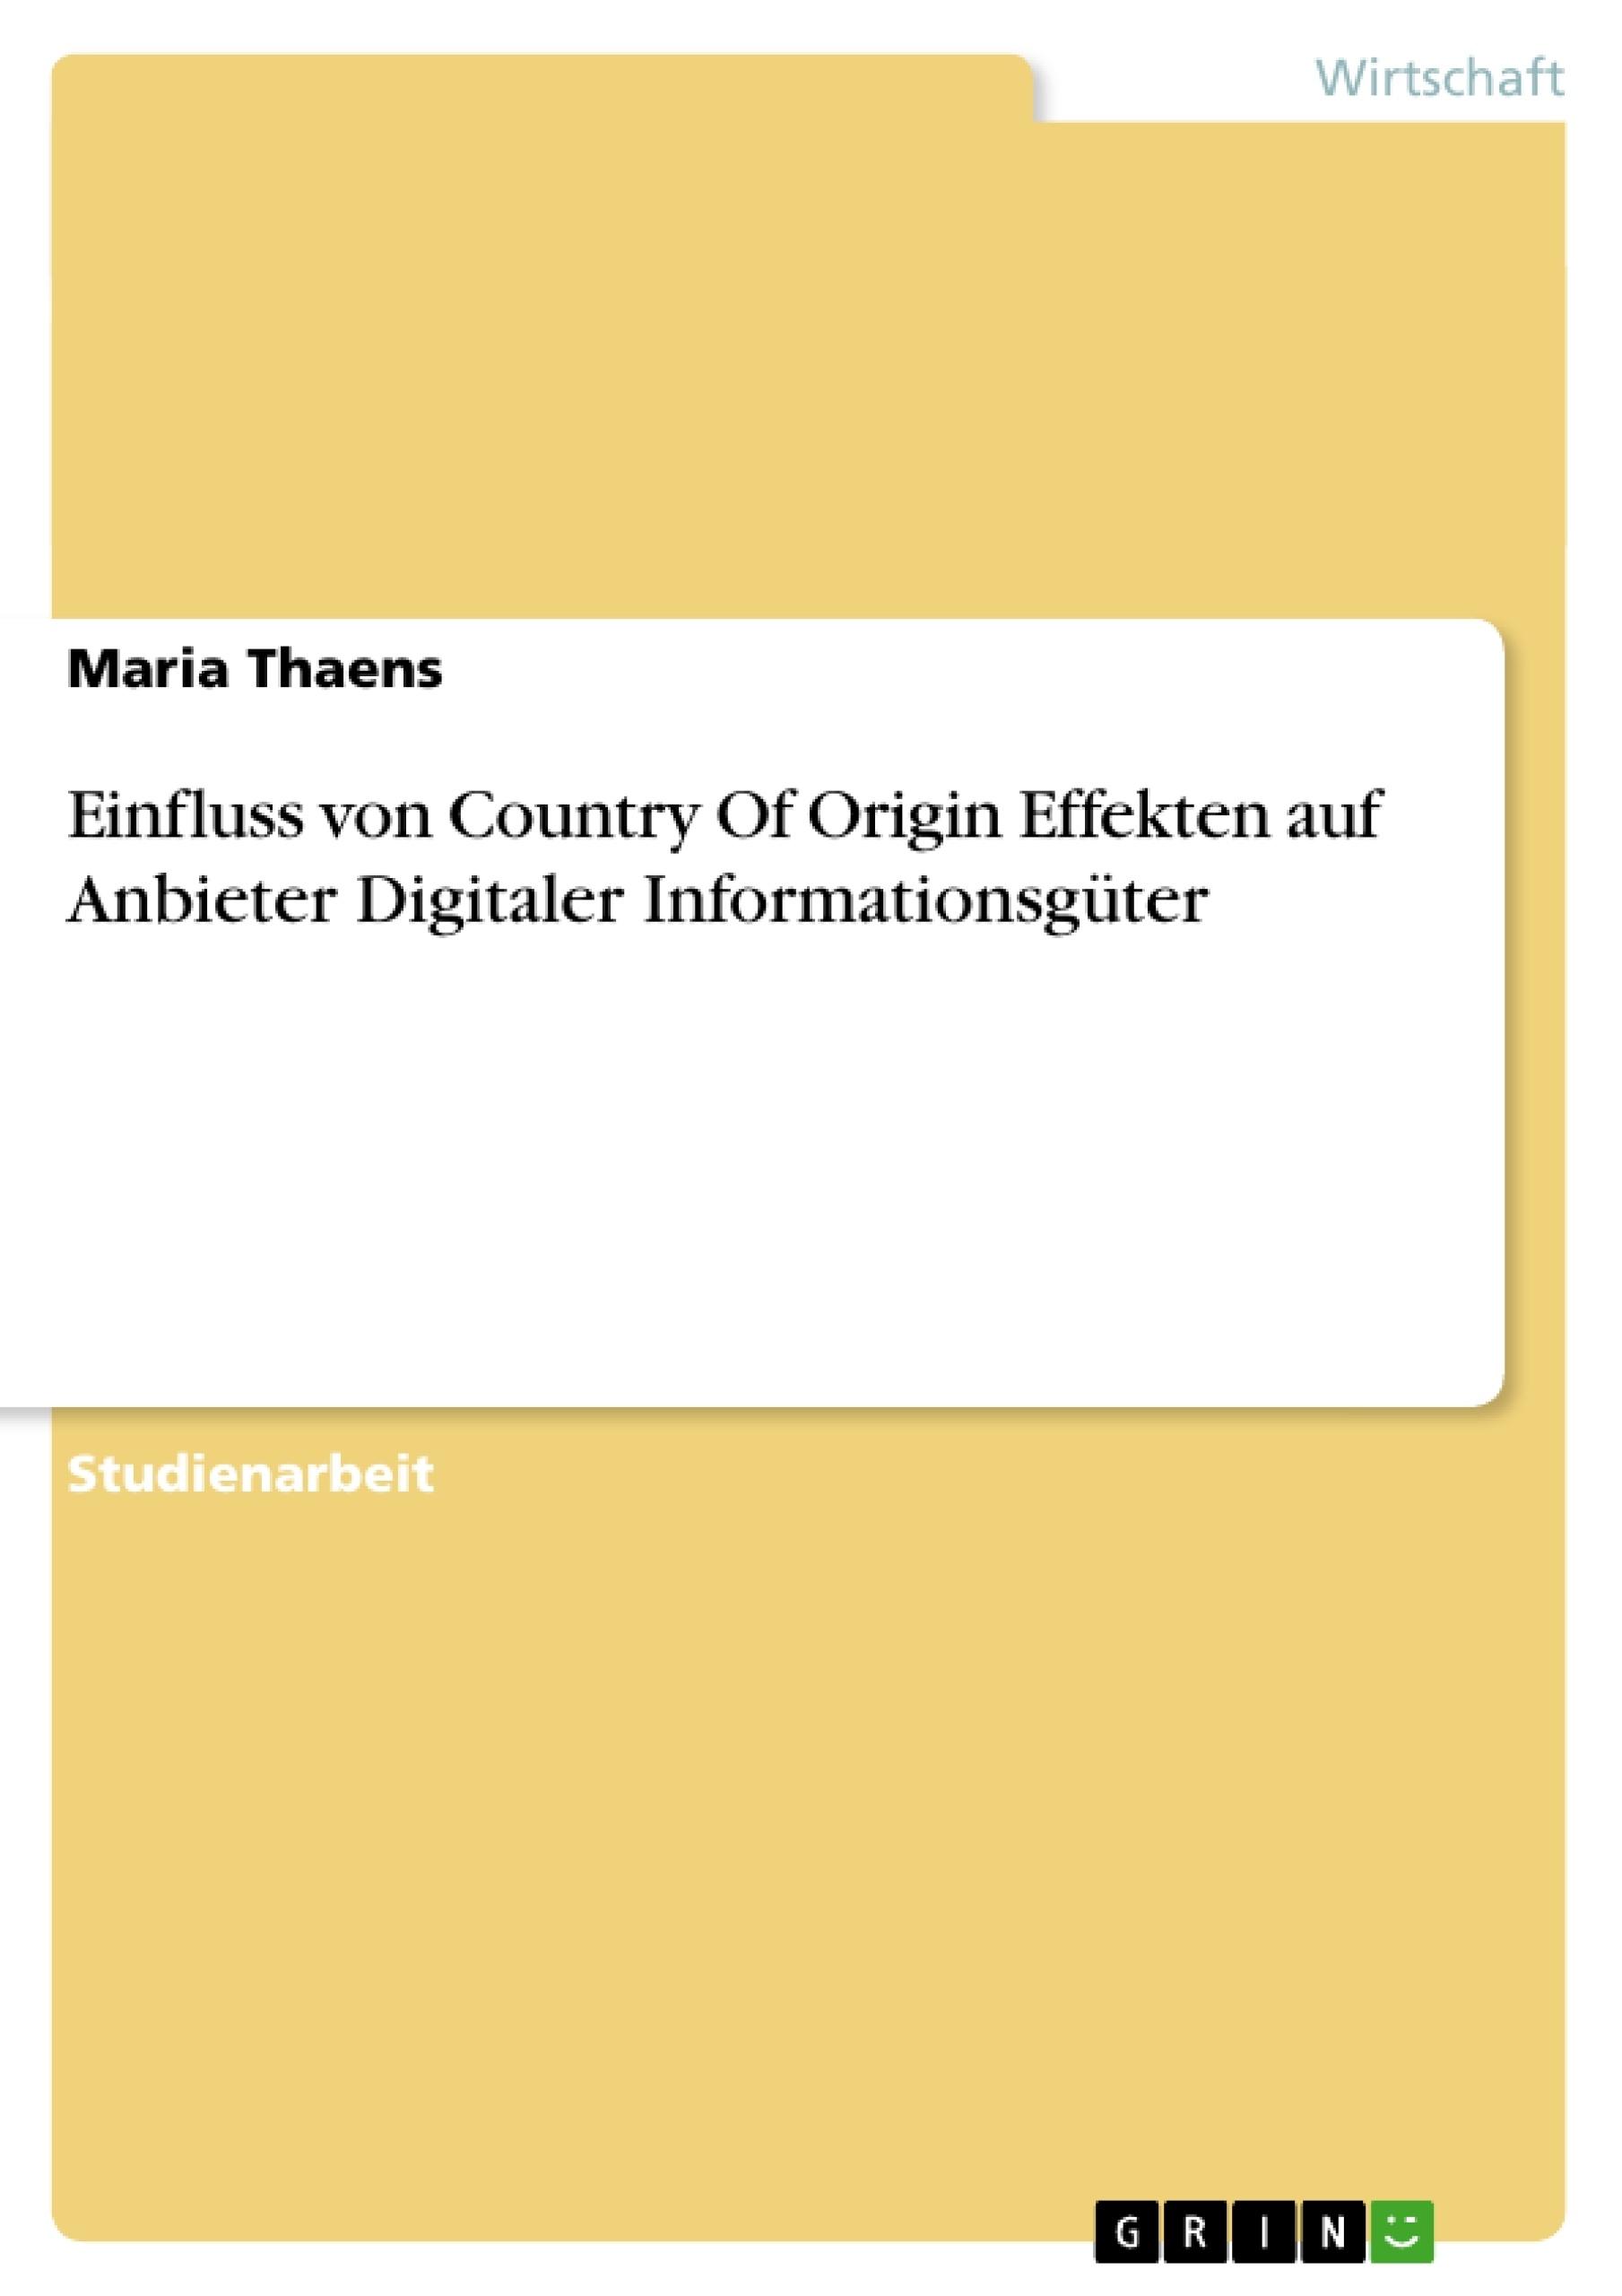 Titel: Einfluss von Country Of Origin Effekten auf Anbieter Digitaler Informationsgüter